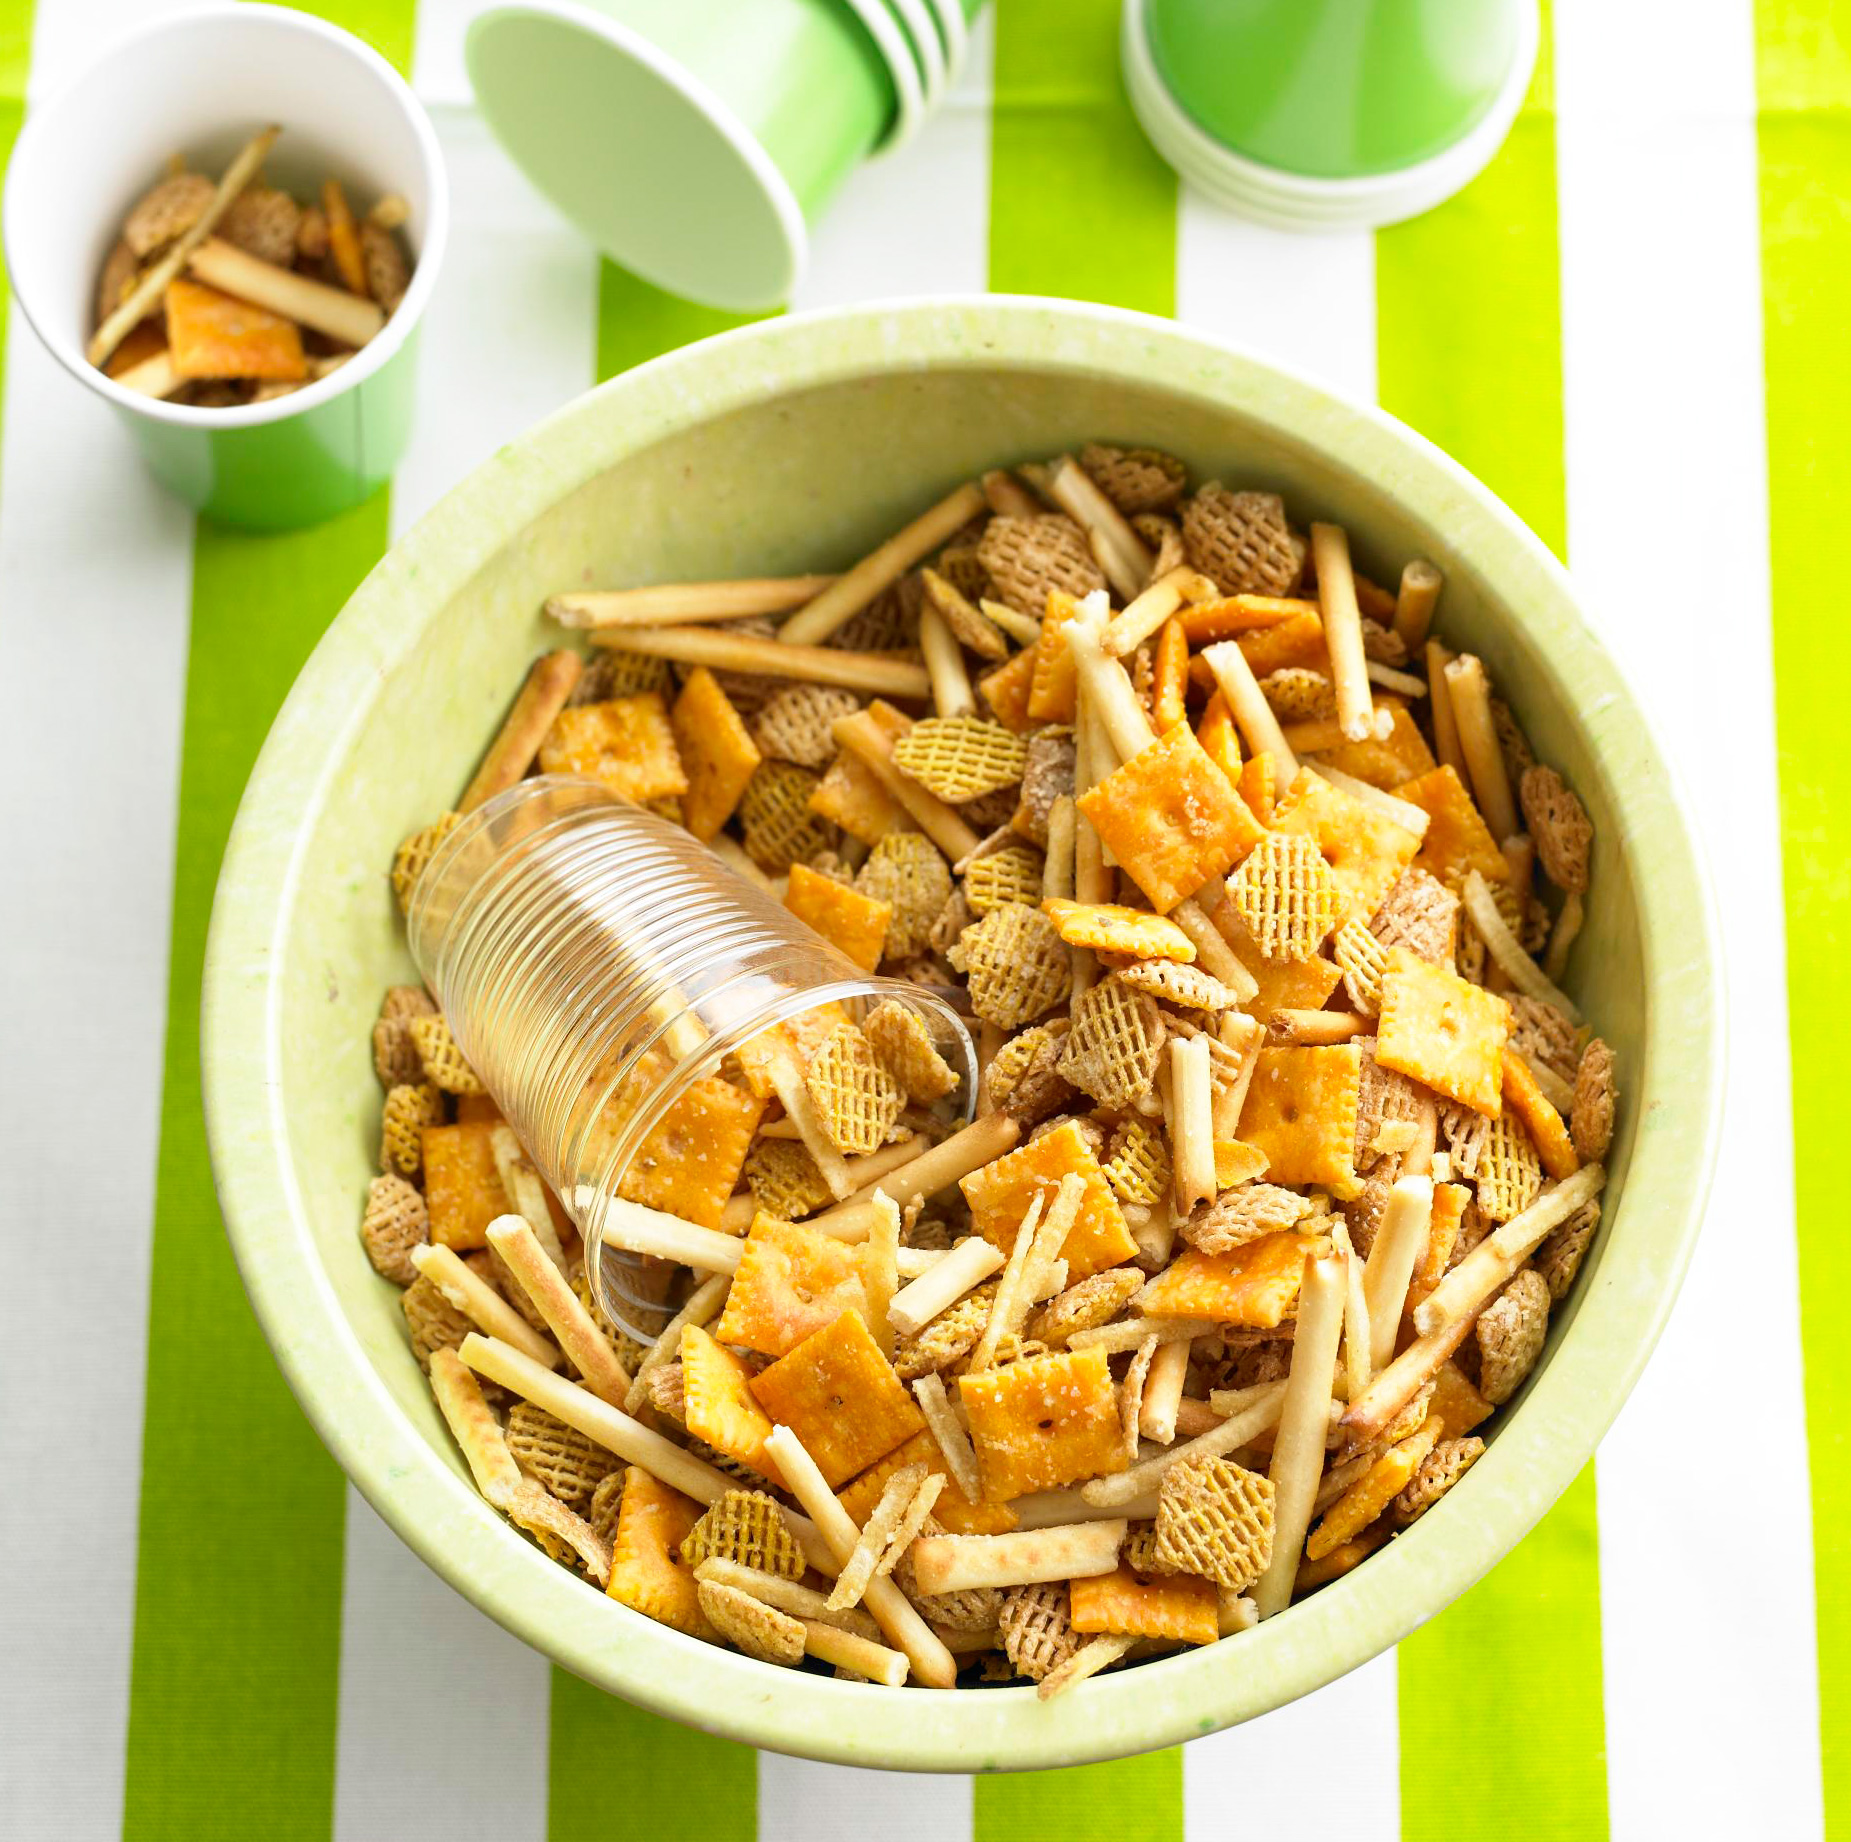 Cheesy Snack Mix